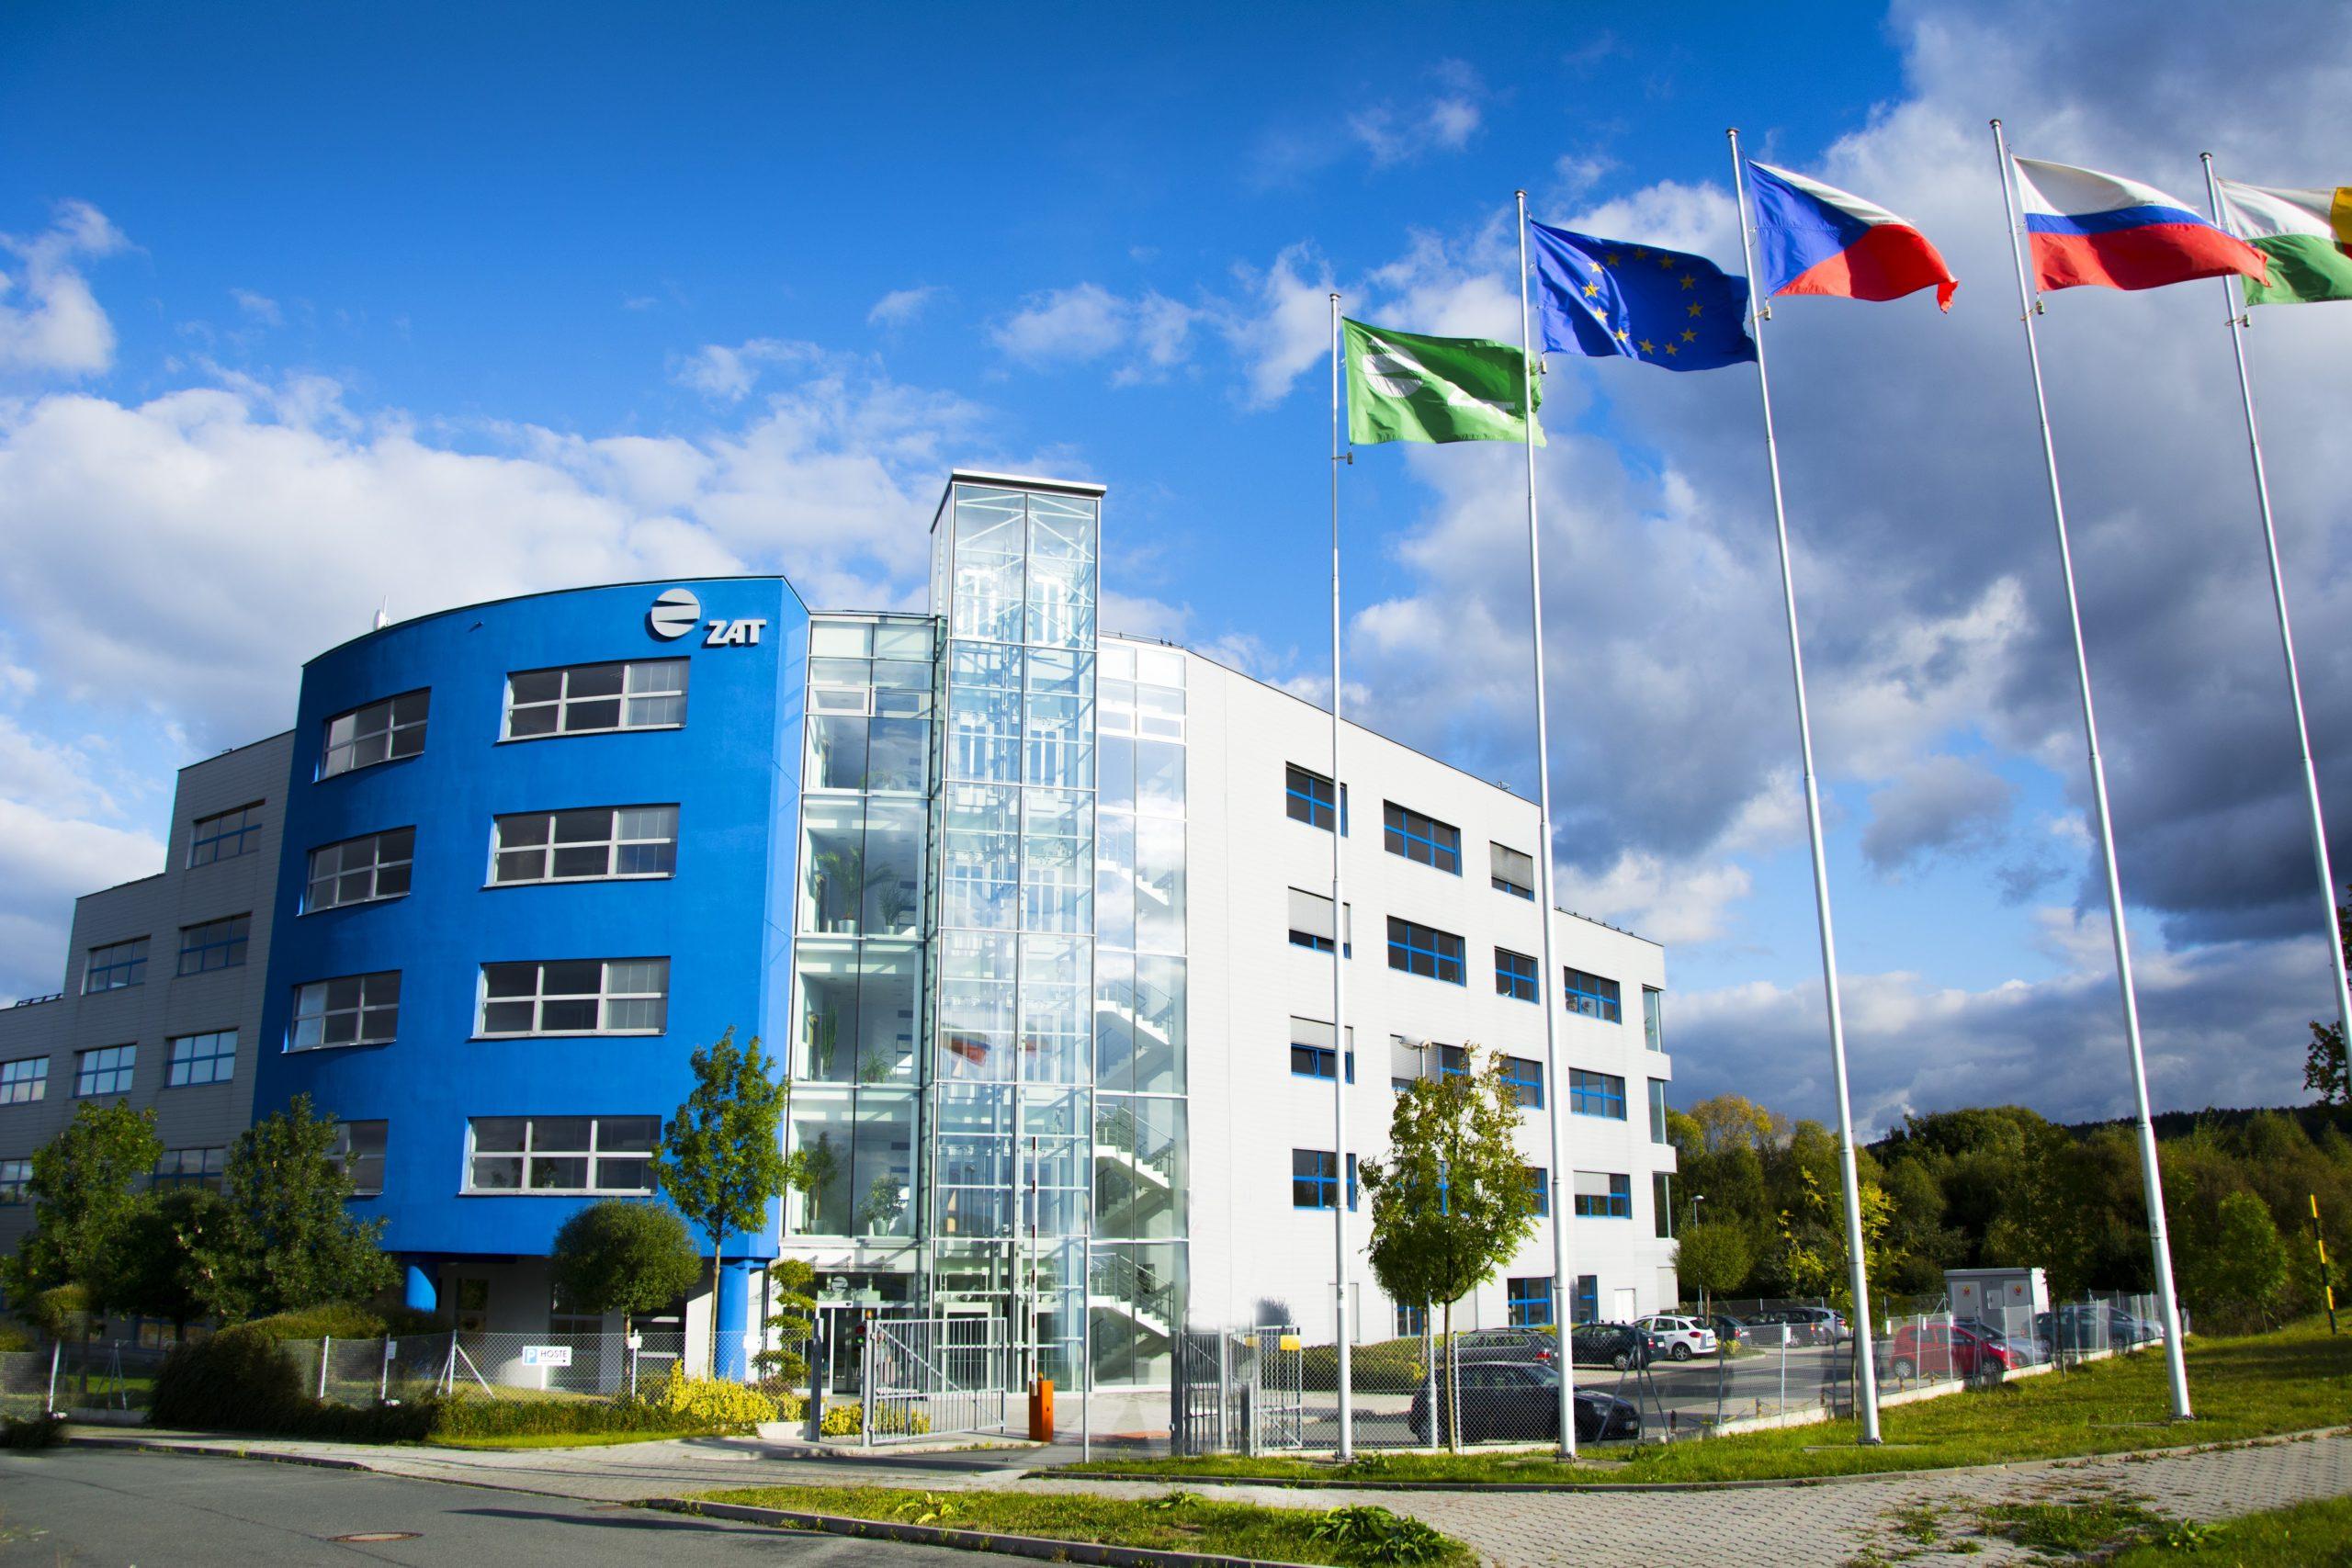 jaderná energie - ZAT a.s. dokončil fúzi dceřiné firmy Definity Systems - Zprávy (ZAT 3472 scaled) 2